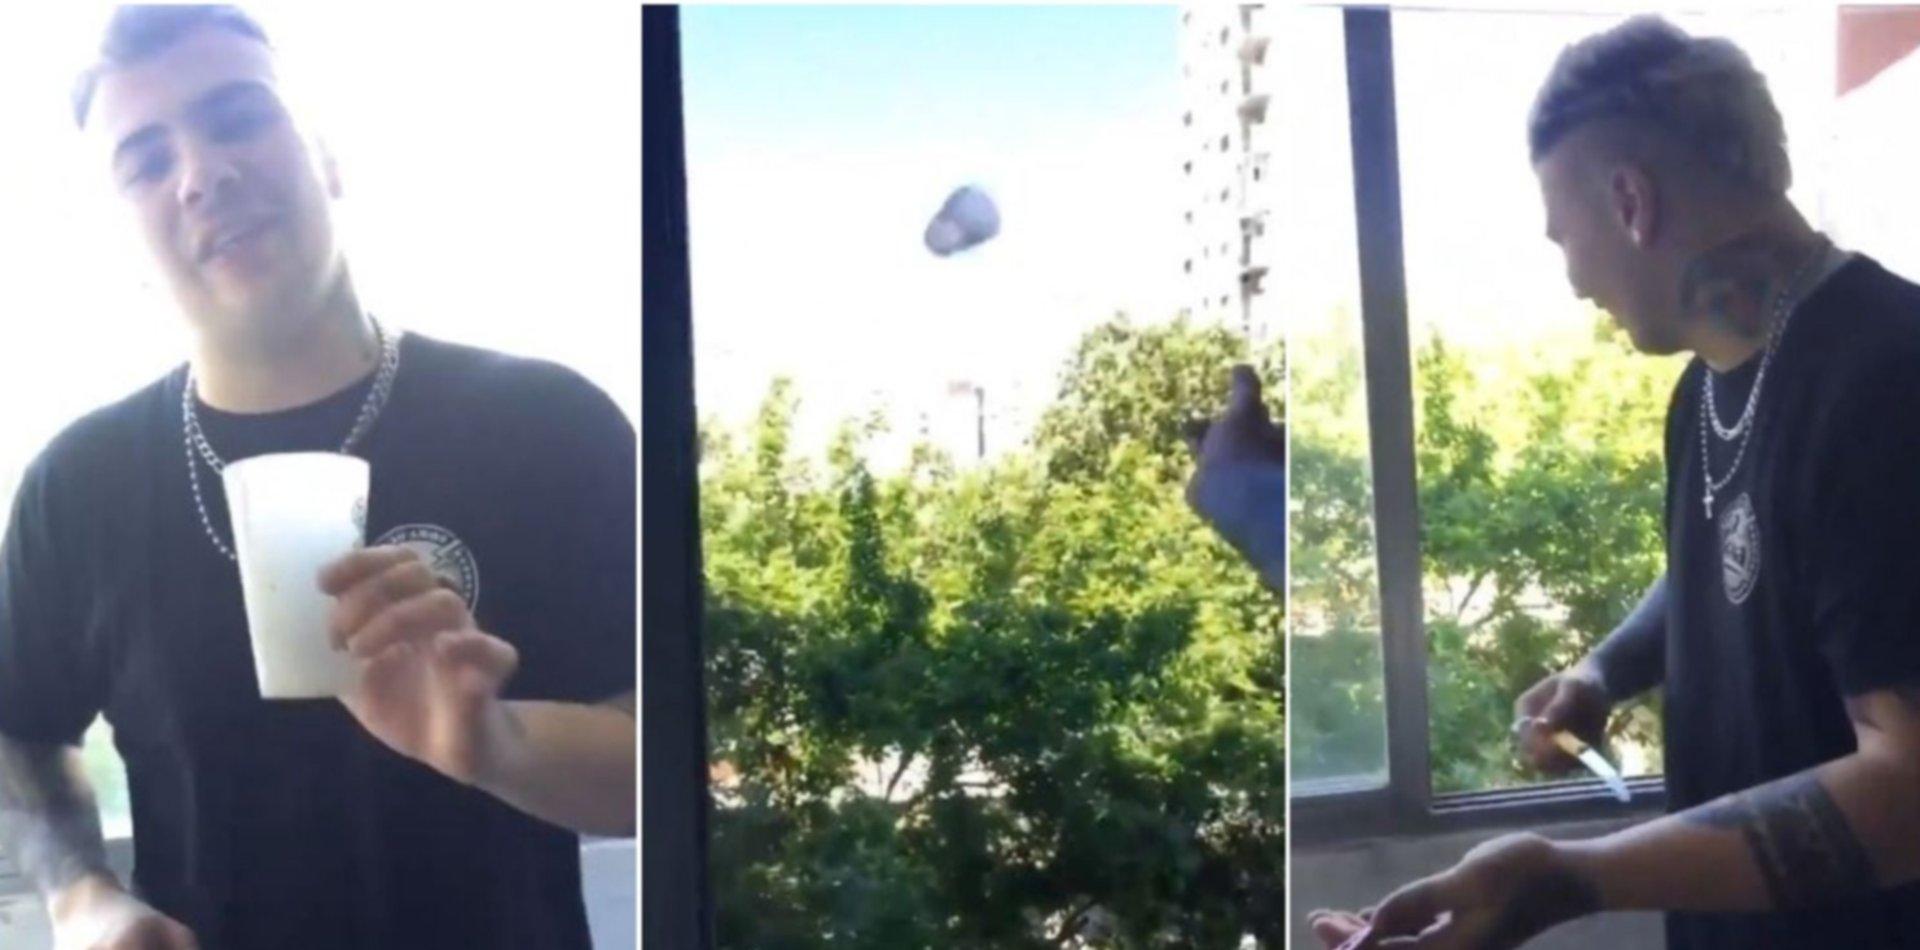 VIDEO: Un influencer se grabó tirando cuchillos desde un balcón en La Plata